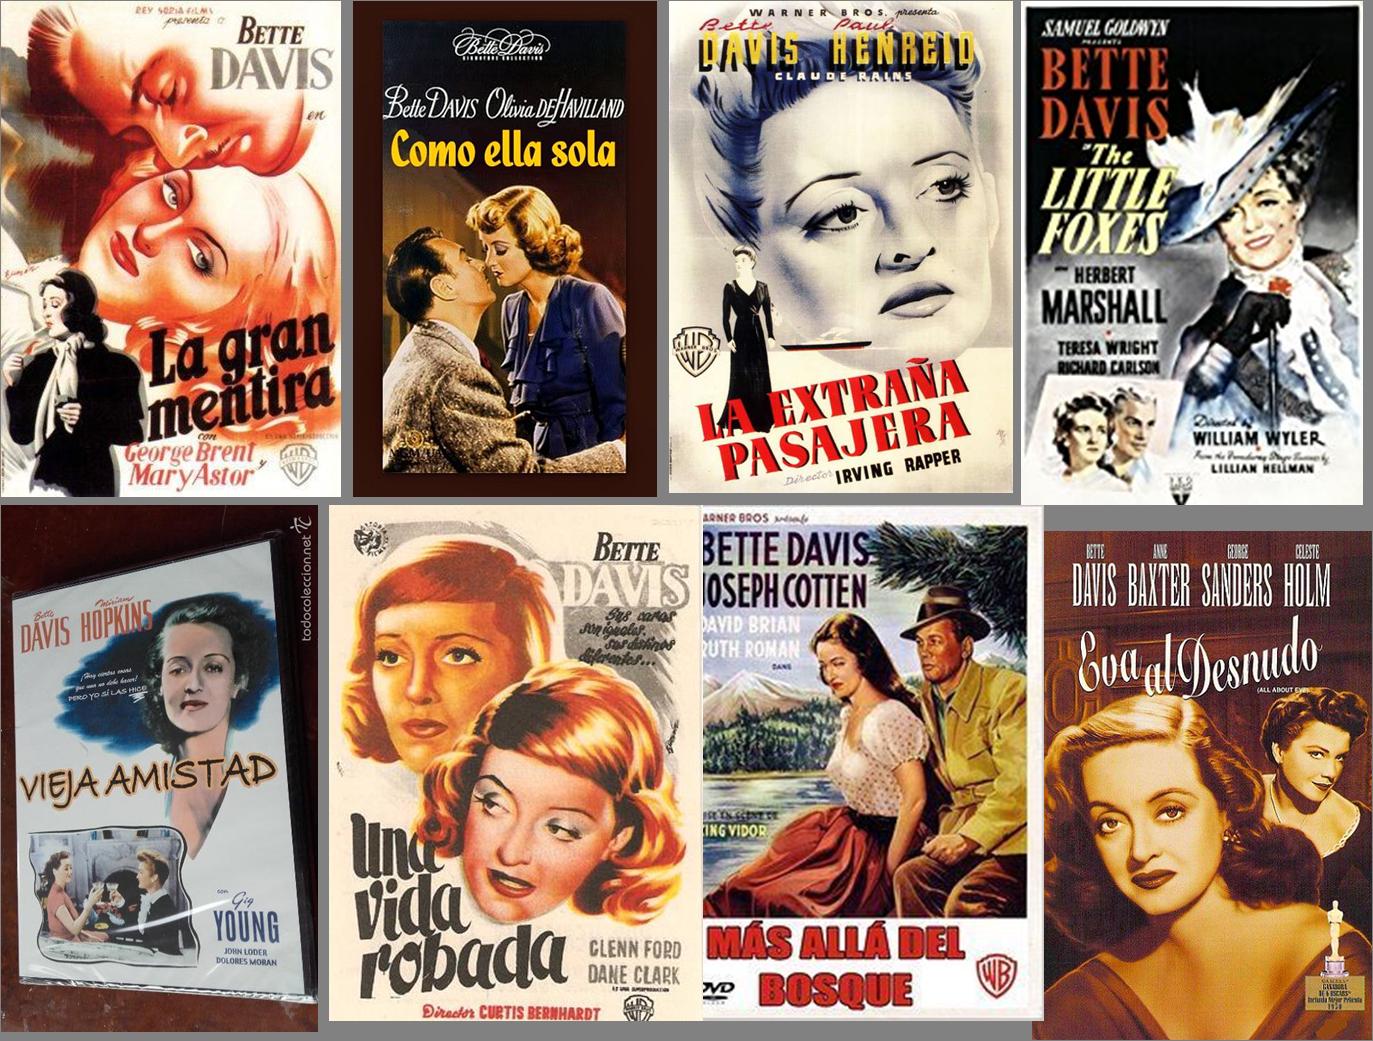 Bette Davis afiches 3